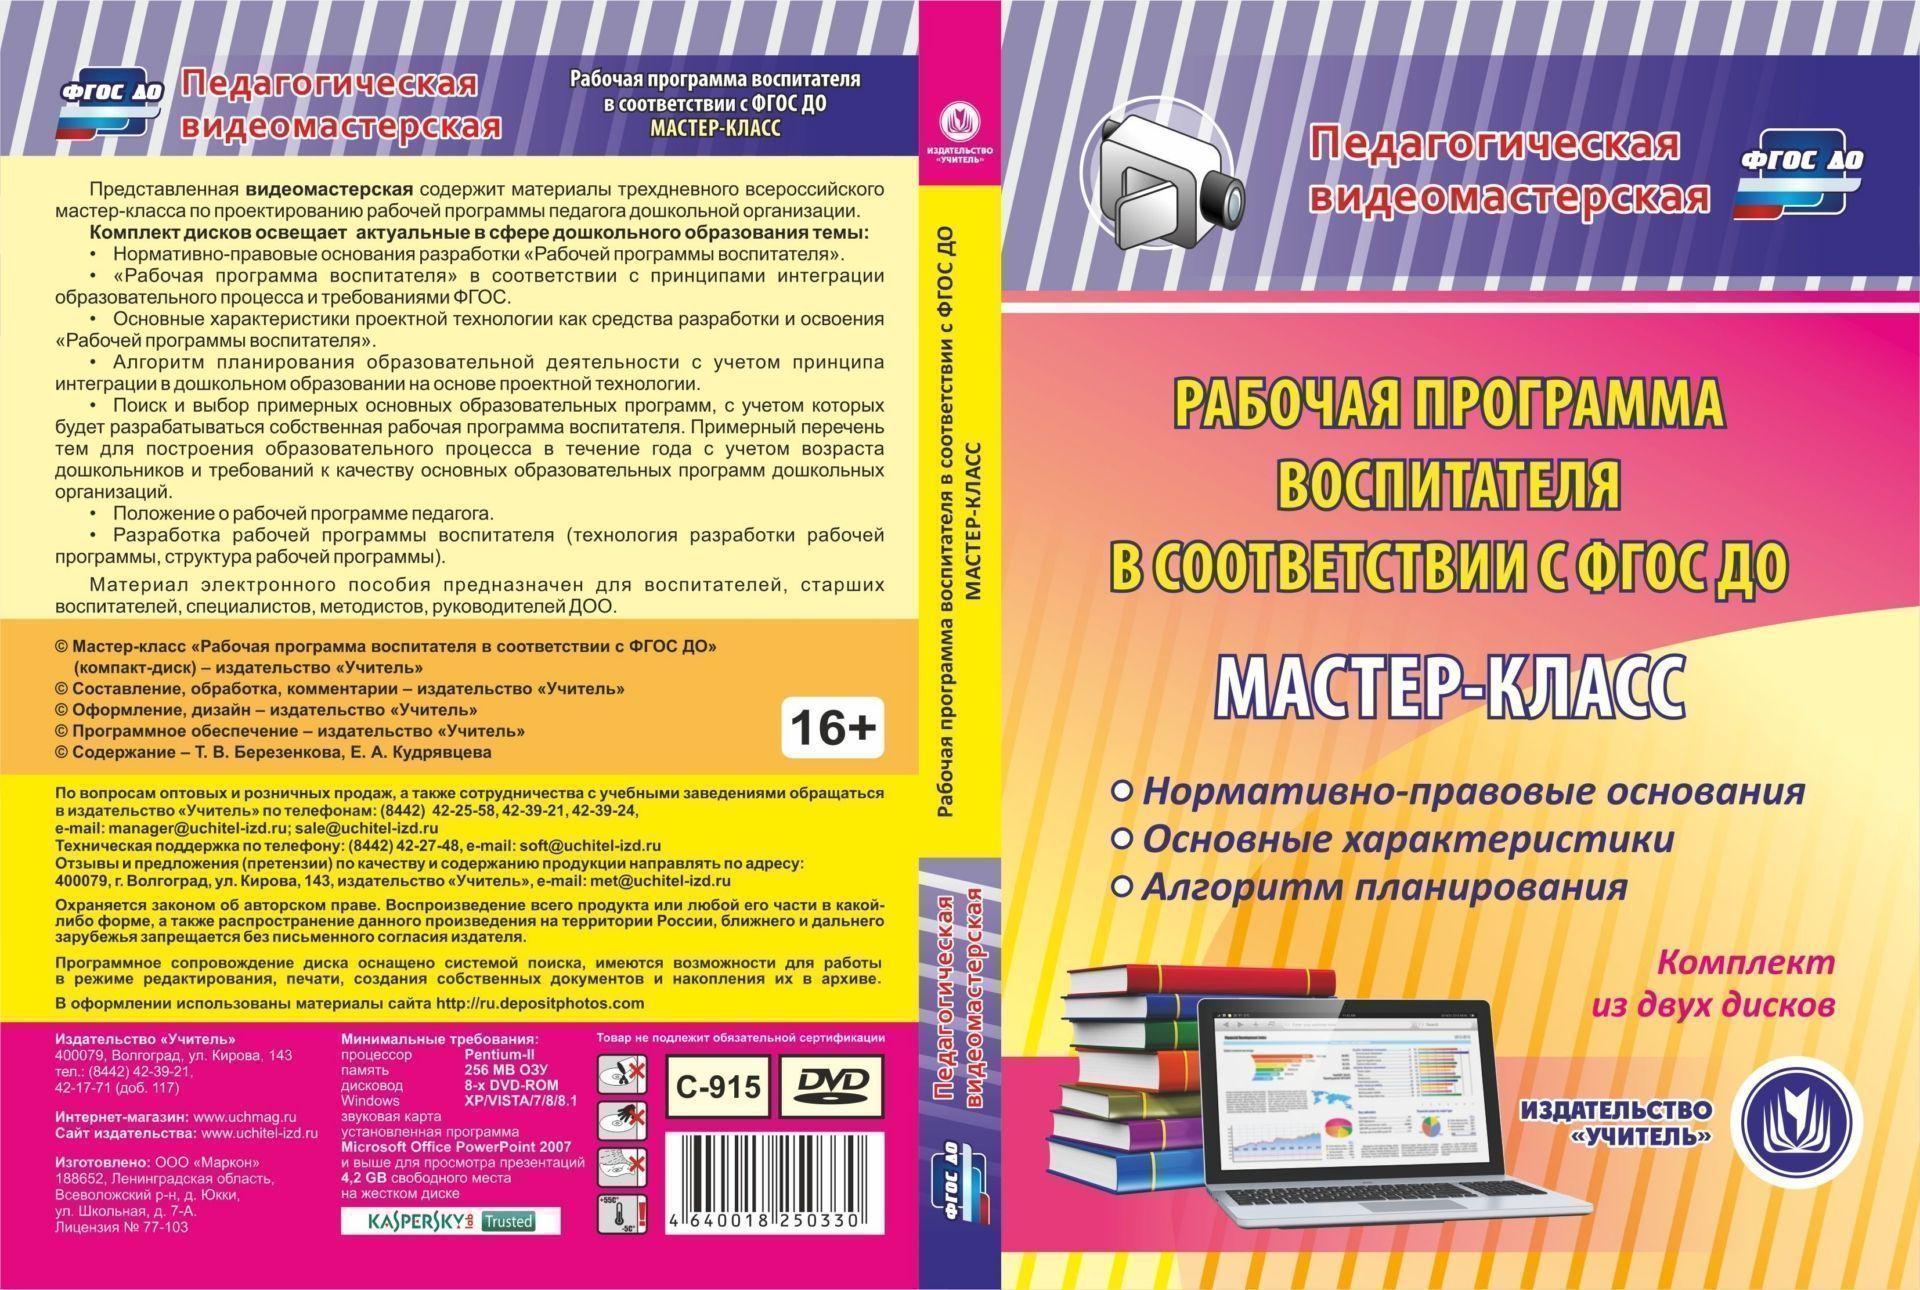 Мастер-класс Рабочая программа воспитателя в соответствии с ФГОС ДО. Комплект из 2 компакт-дисков для компьютера: Нормативно-правовые основания. Основные характеристики. Алгоритм планирования